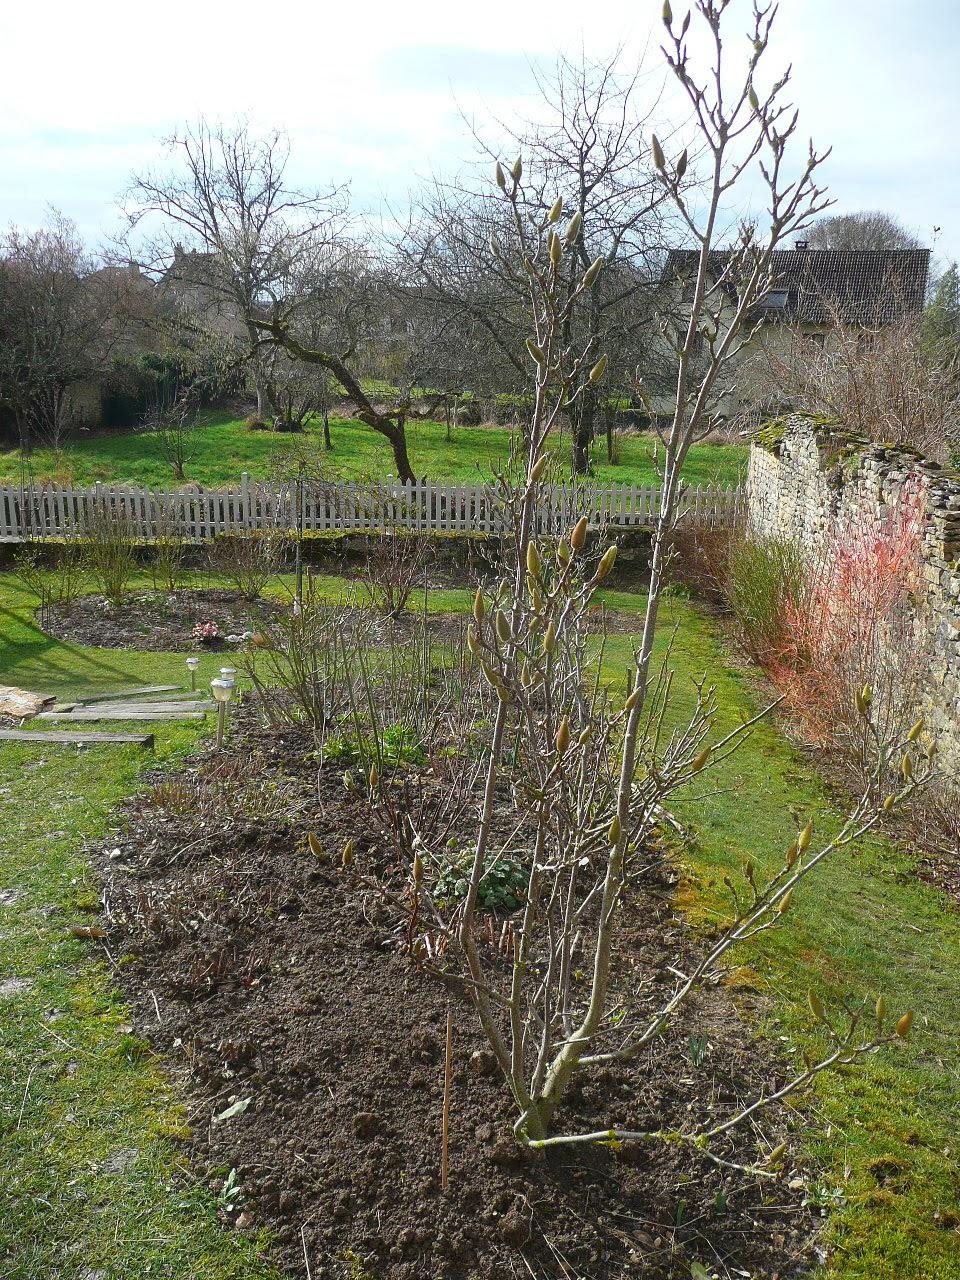 Notre jardin secret nettoyage de printemps et travaux - Traitement olivier bouillie bordelaise ...